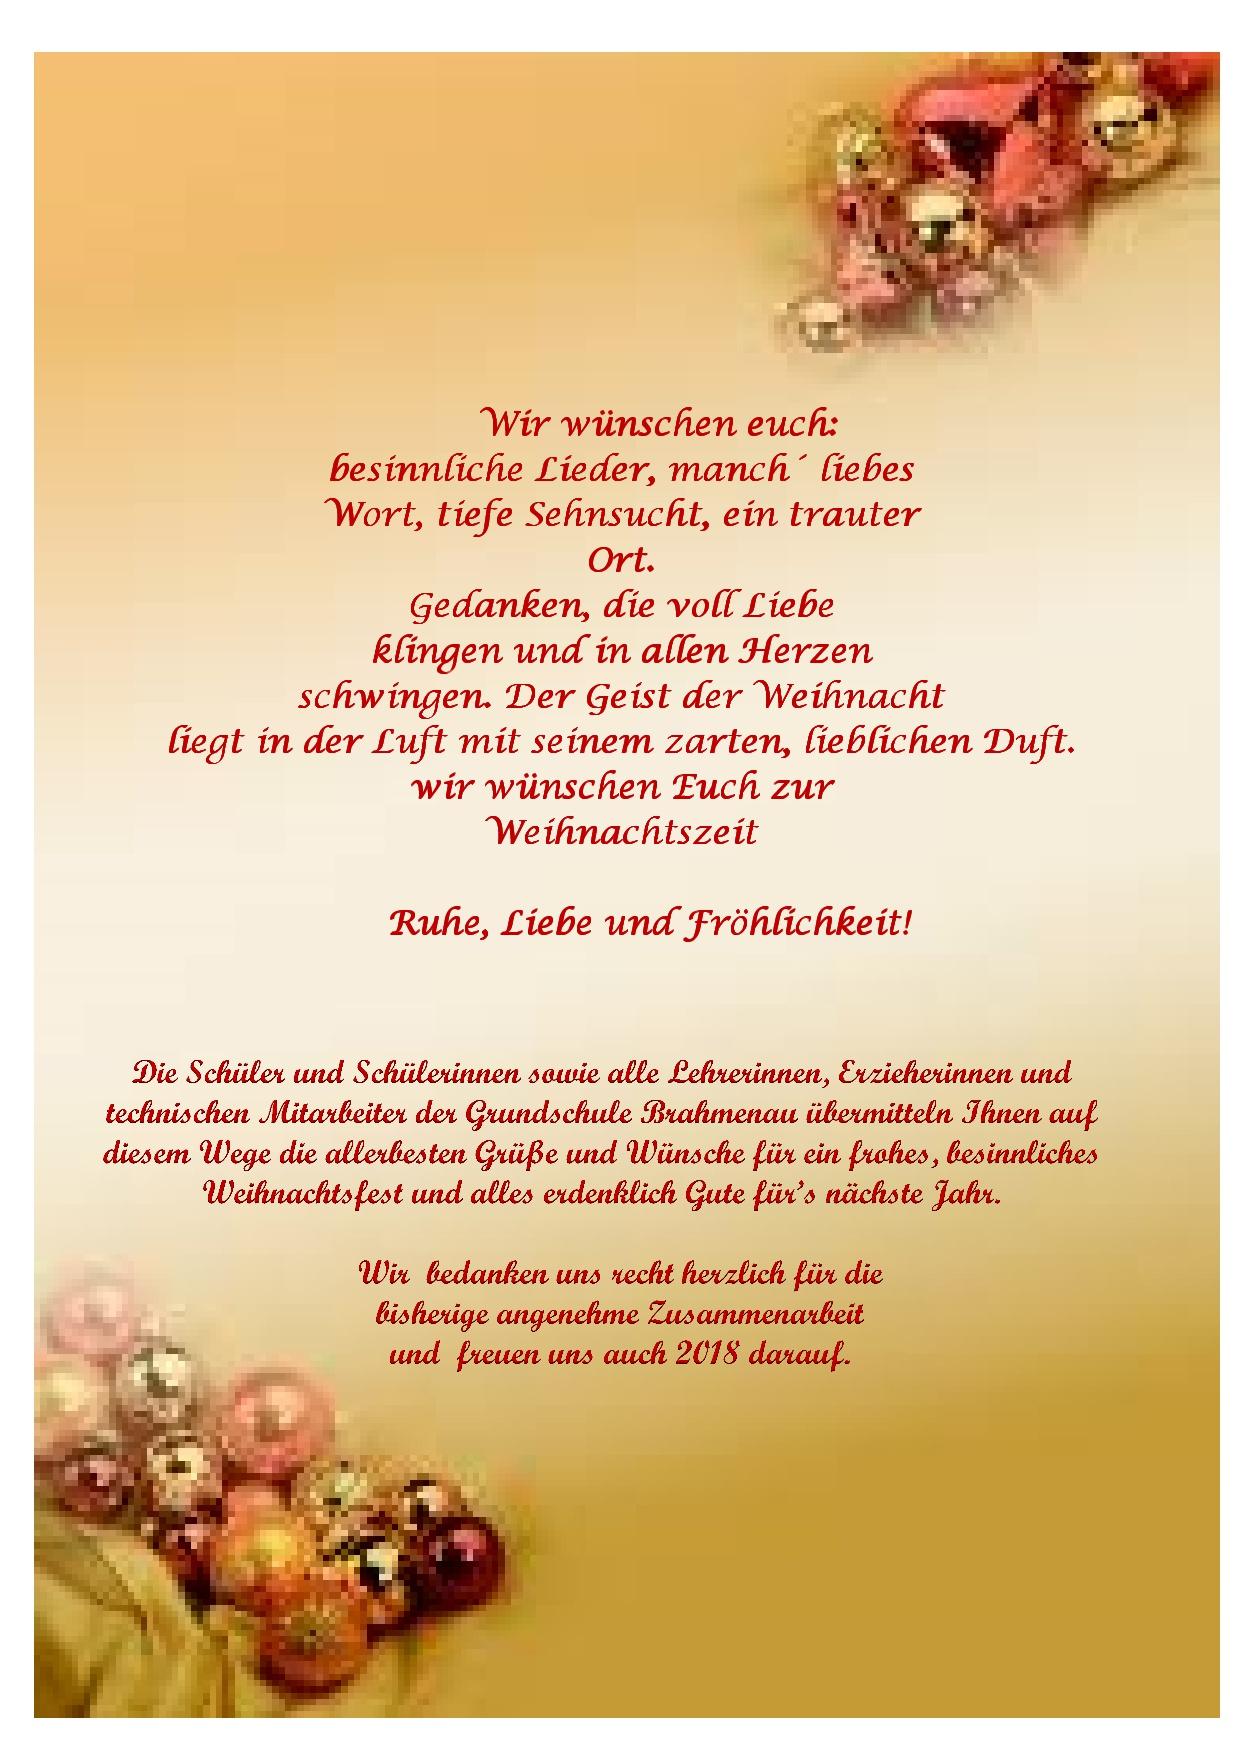 Weihnachtsgrüße An Erzieherinnen.Weihnachtsgrüße 2017 Hompage Grundschule Brahmenau